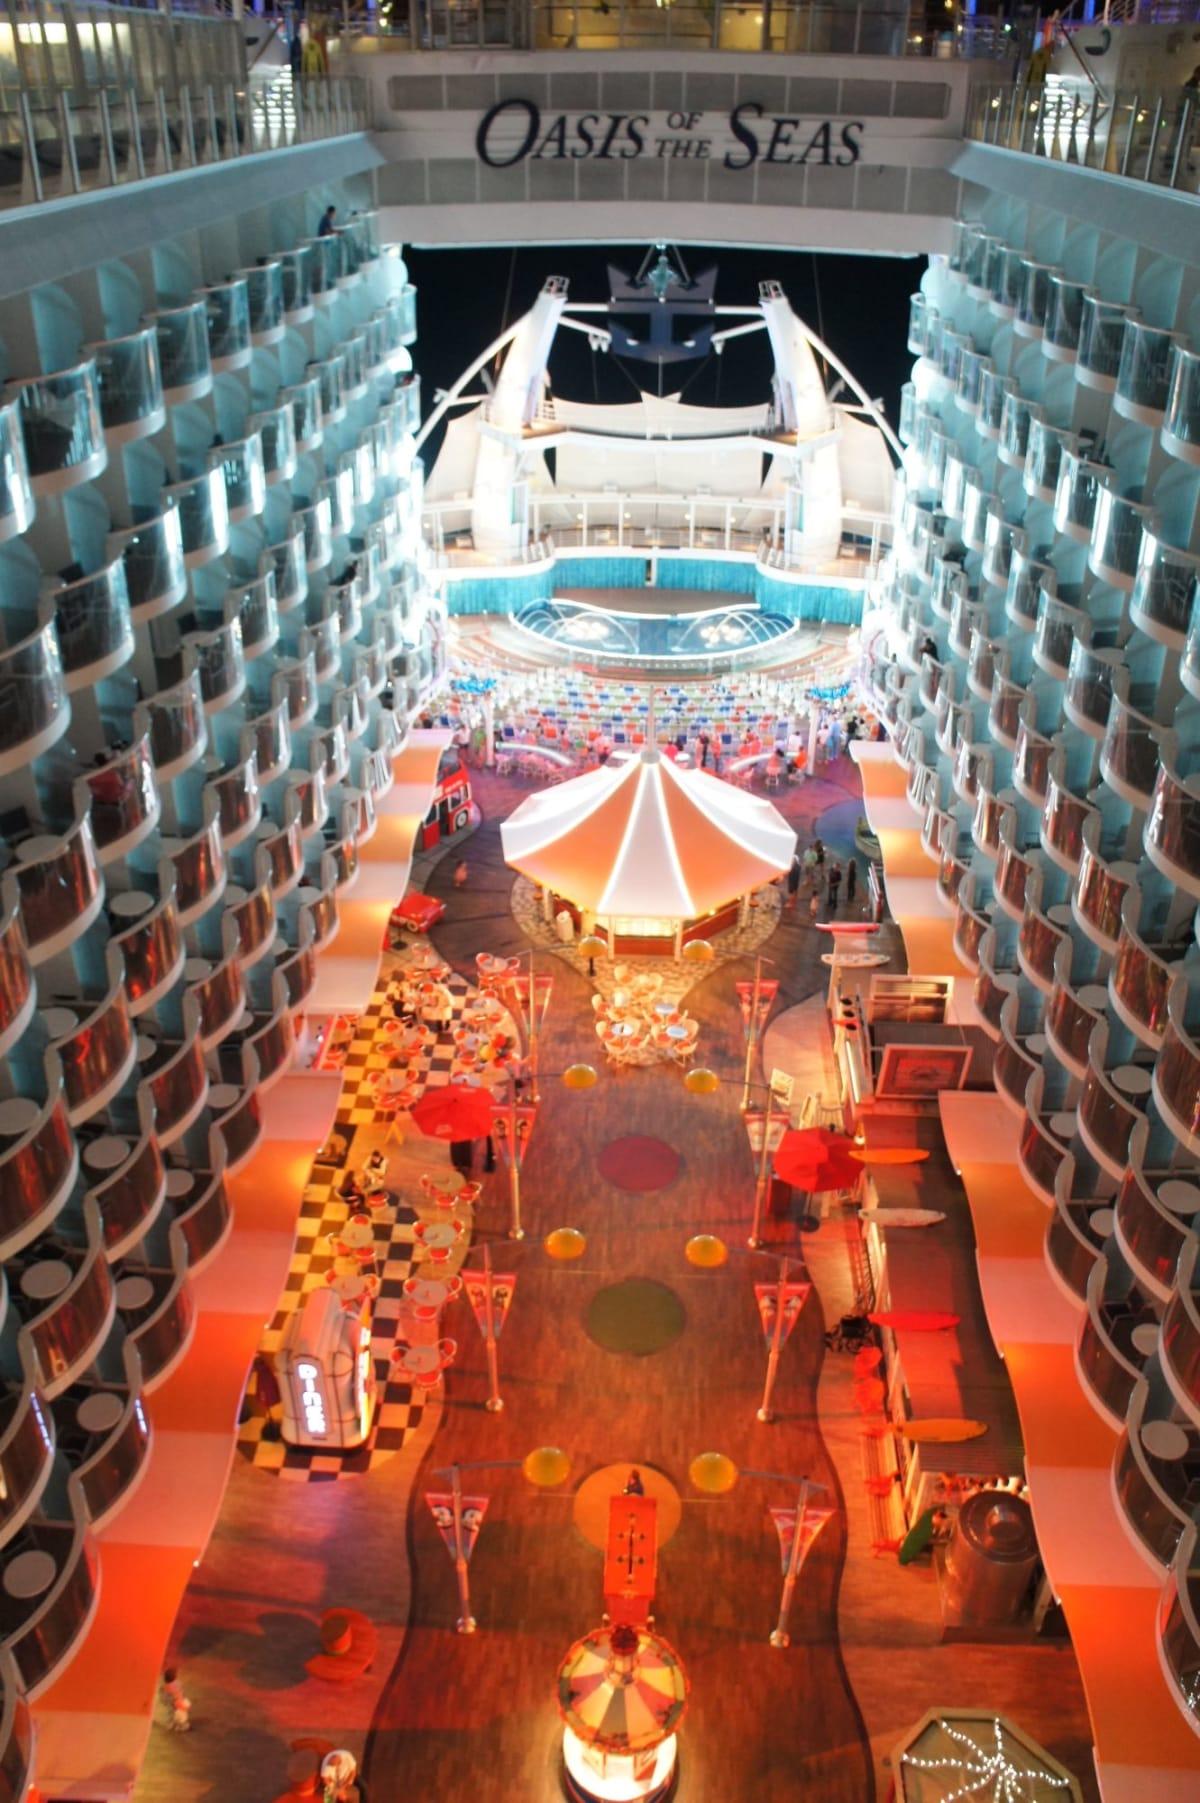 客船オアシス・オブ・ザ・シーズの船内施設